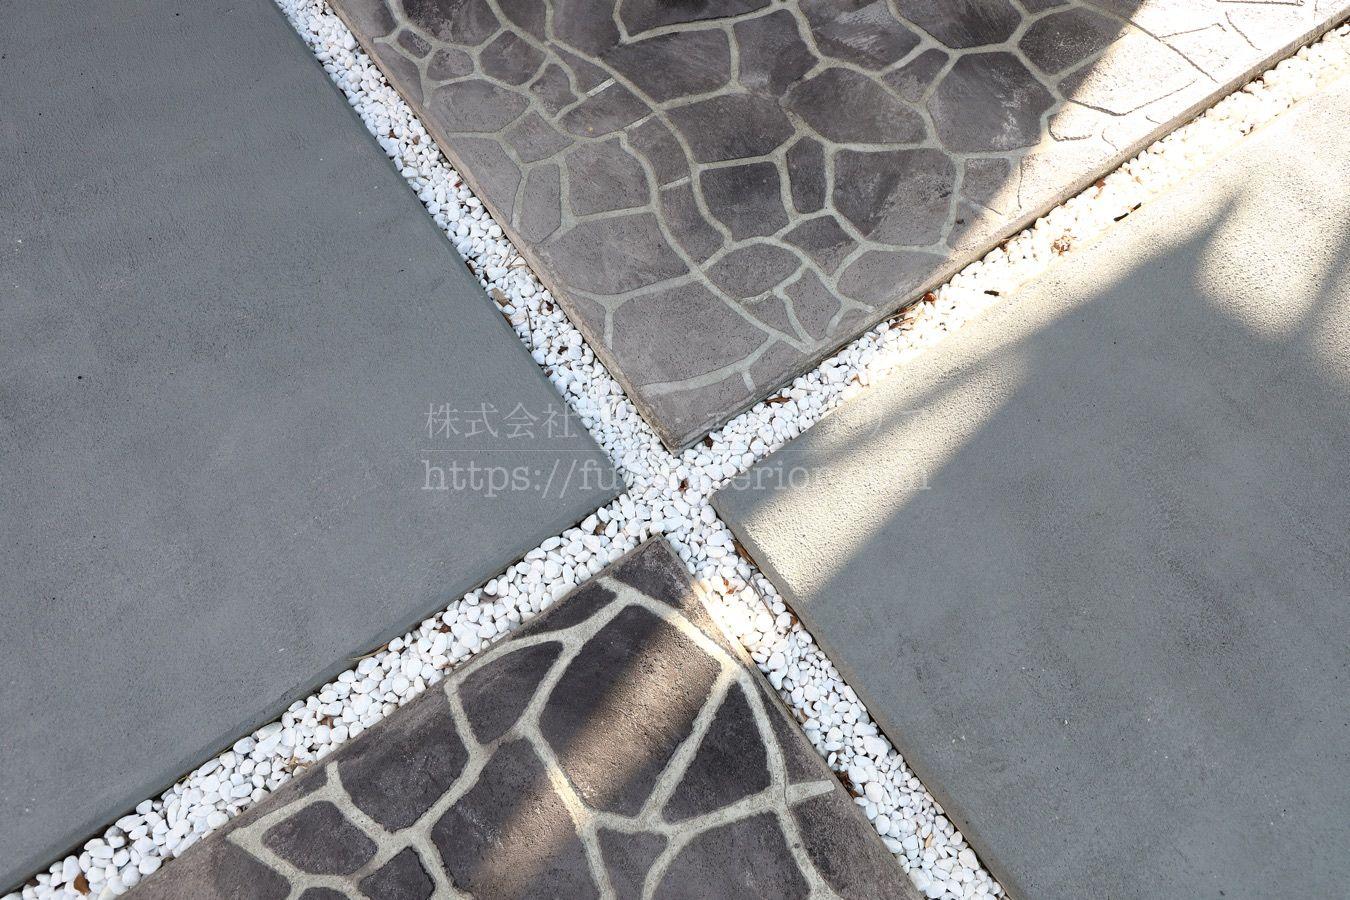 土間 グランドコンクリート